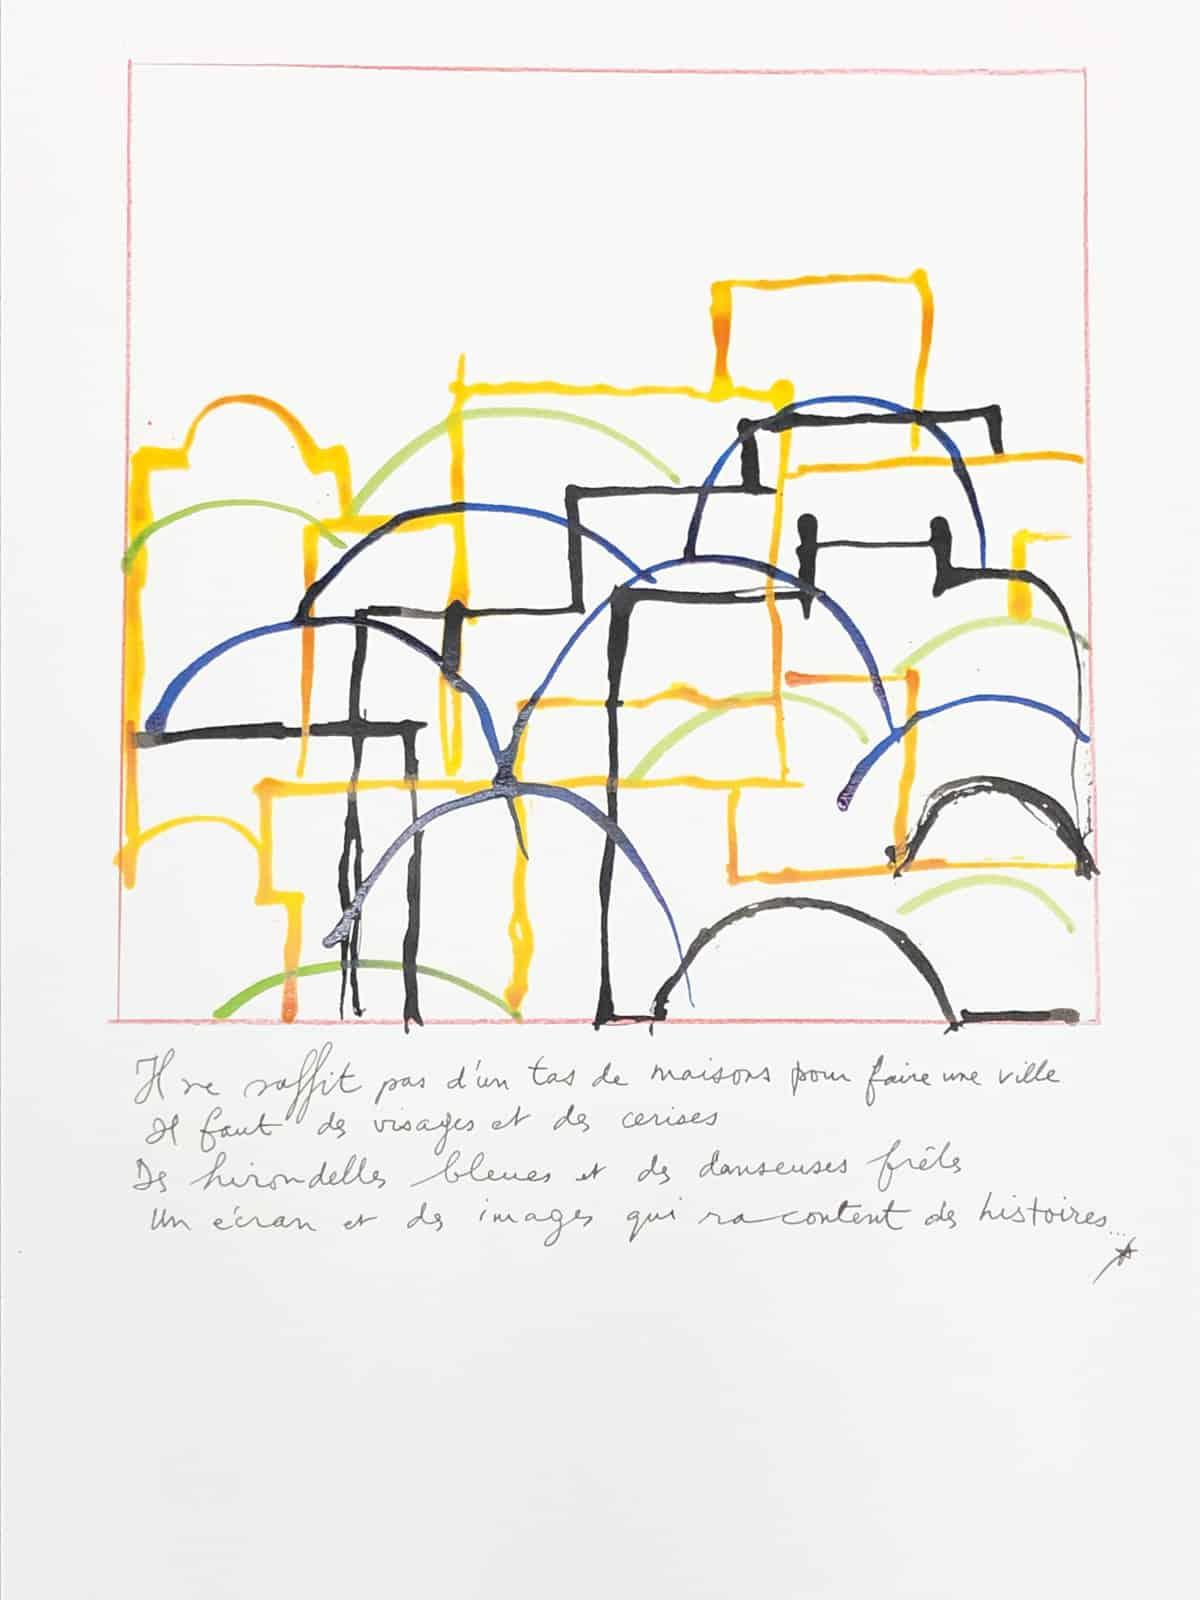 Il ne suffit pas d'un tas de maisons pour faire une ville, 2019 Dessin à l'encre, 35,5 x 50 cm ©Tahar Ben Jelloun